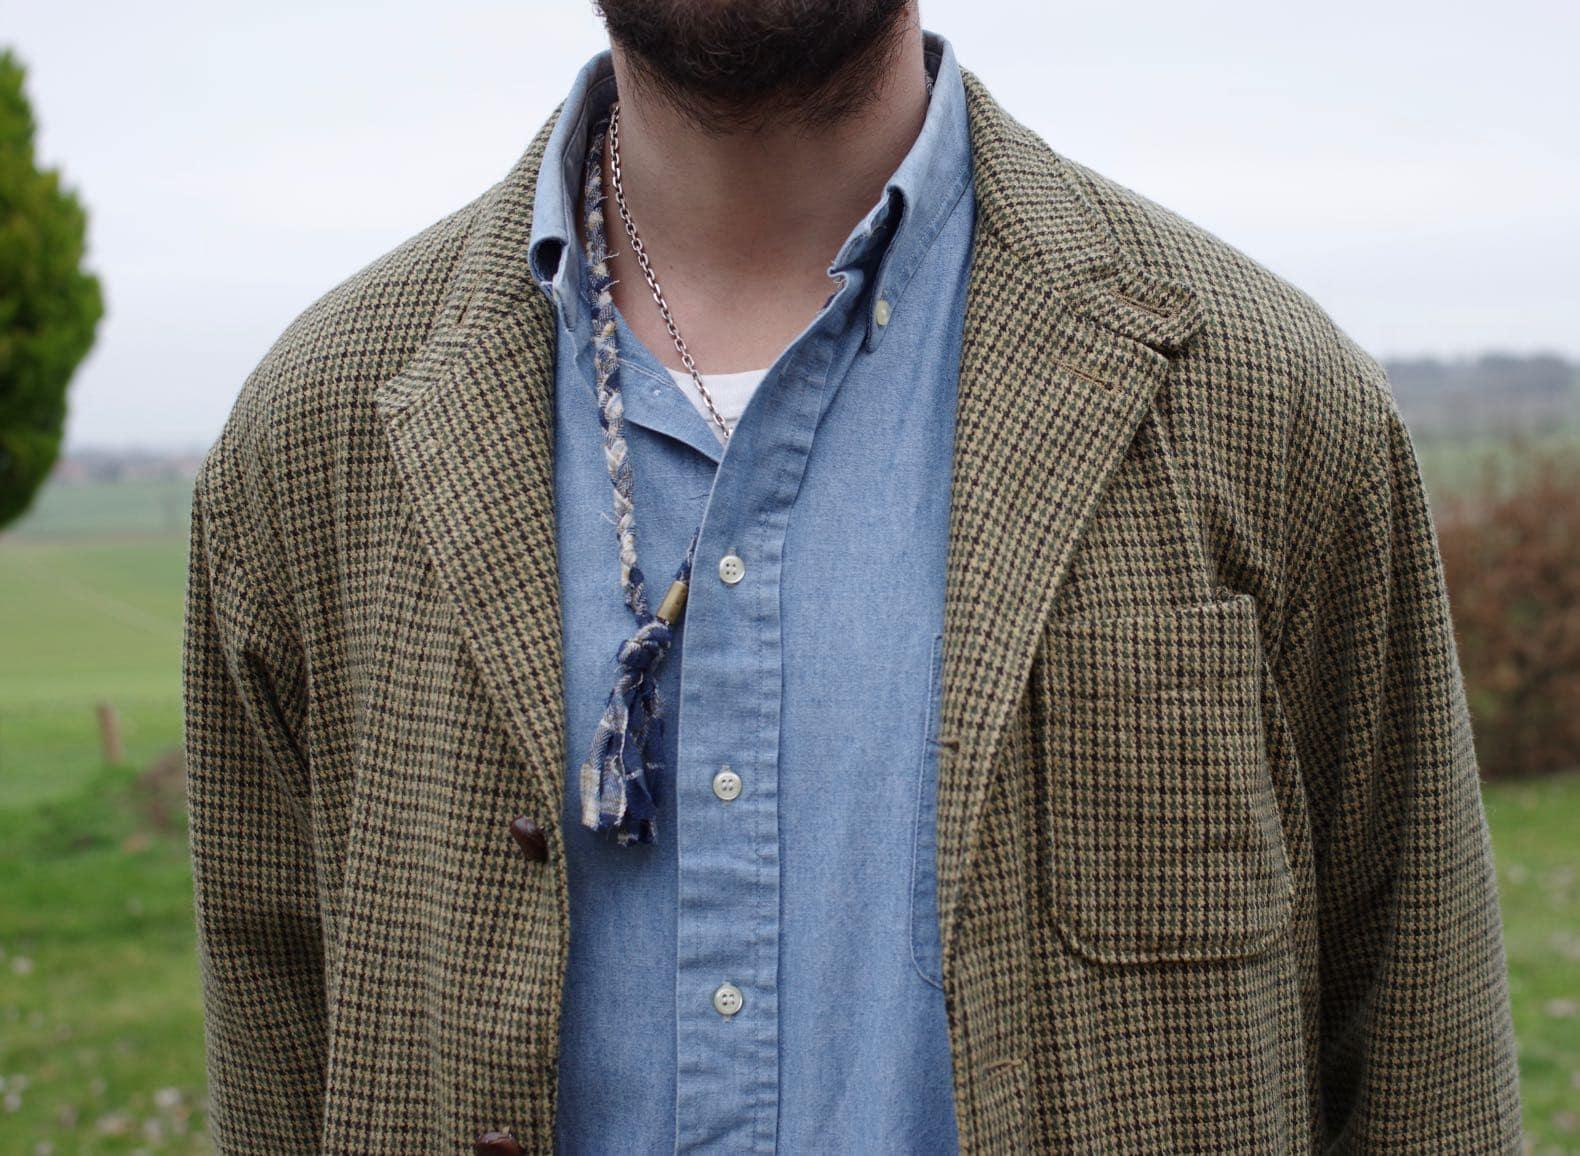 comment assortir une veste motif pied de poule et une chemise en chambray style homme